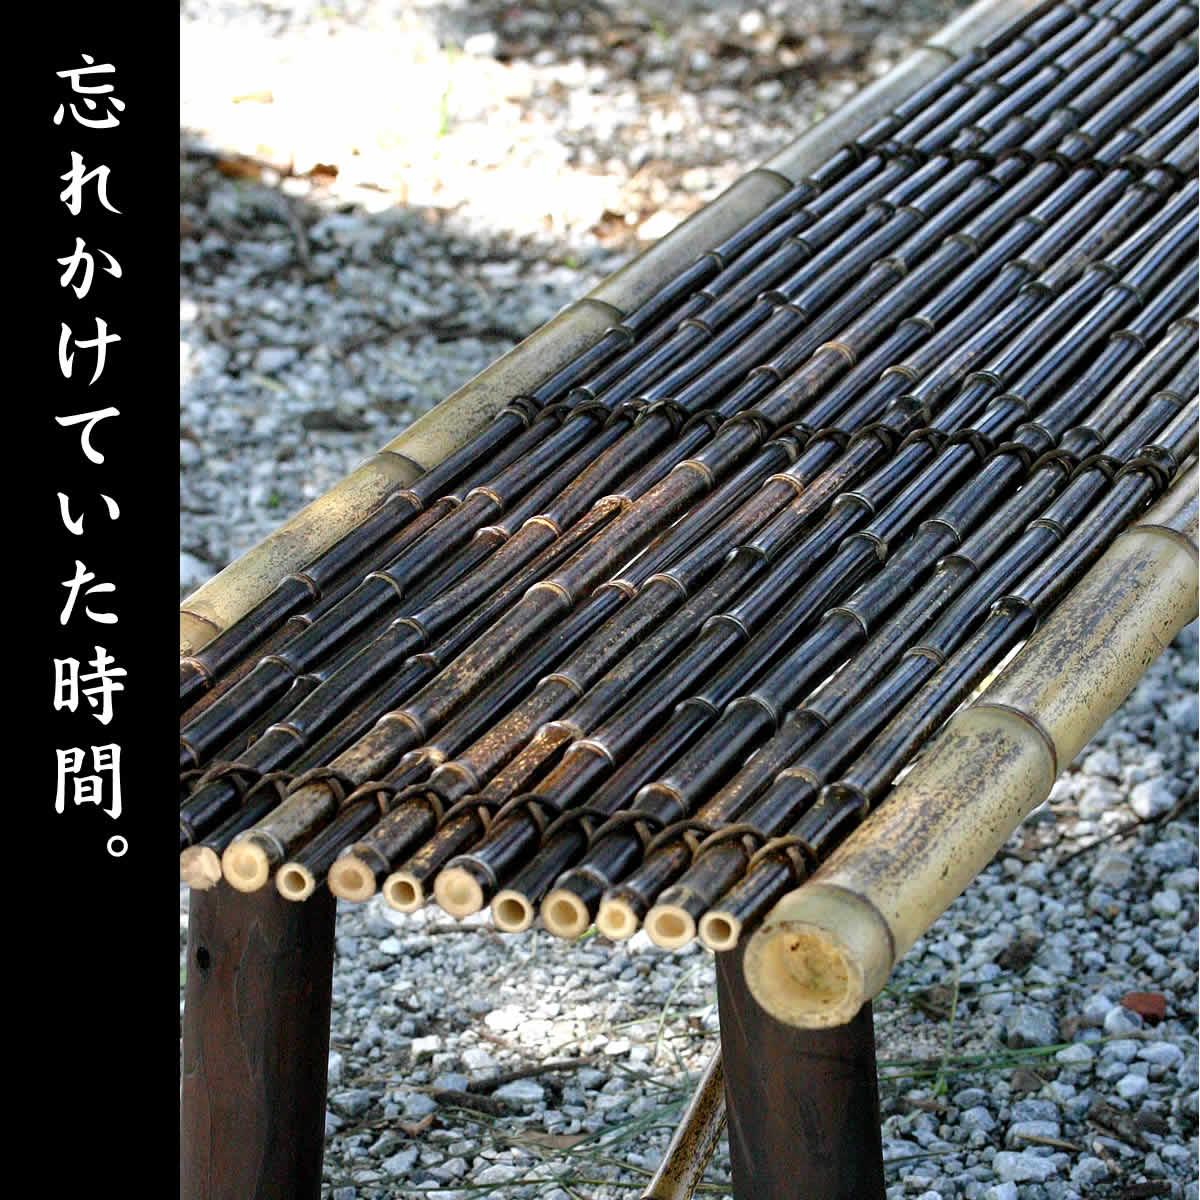 高級感と和の雰囲気を醸し出す、軽くて丈夫で足が折りたたみ可能な虎竹縁台